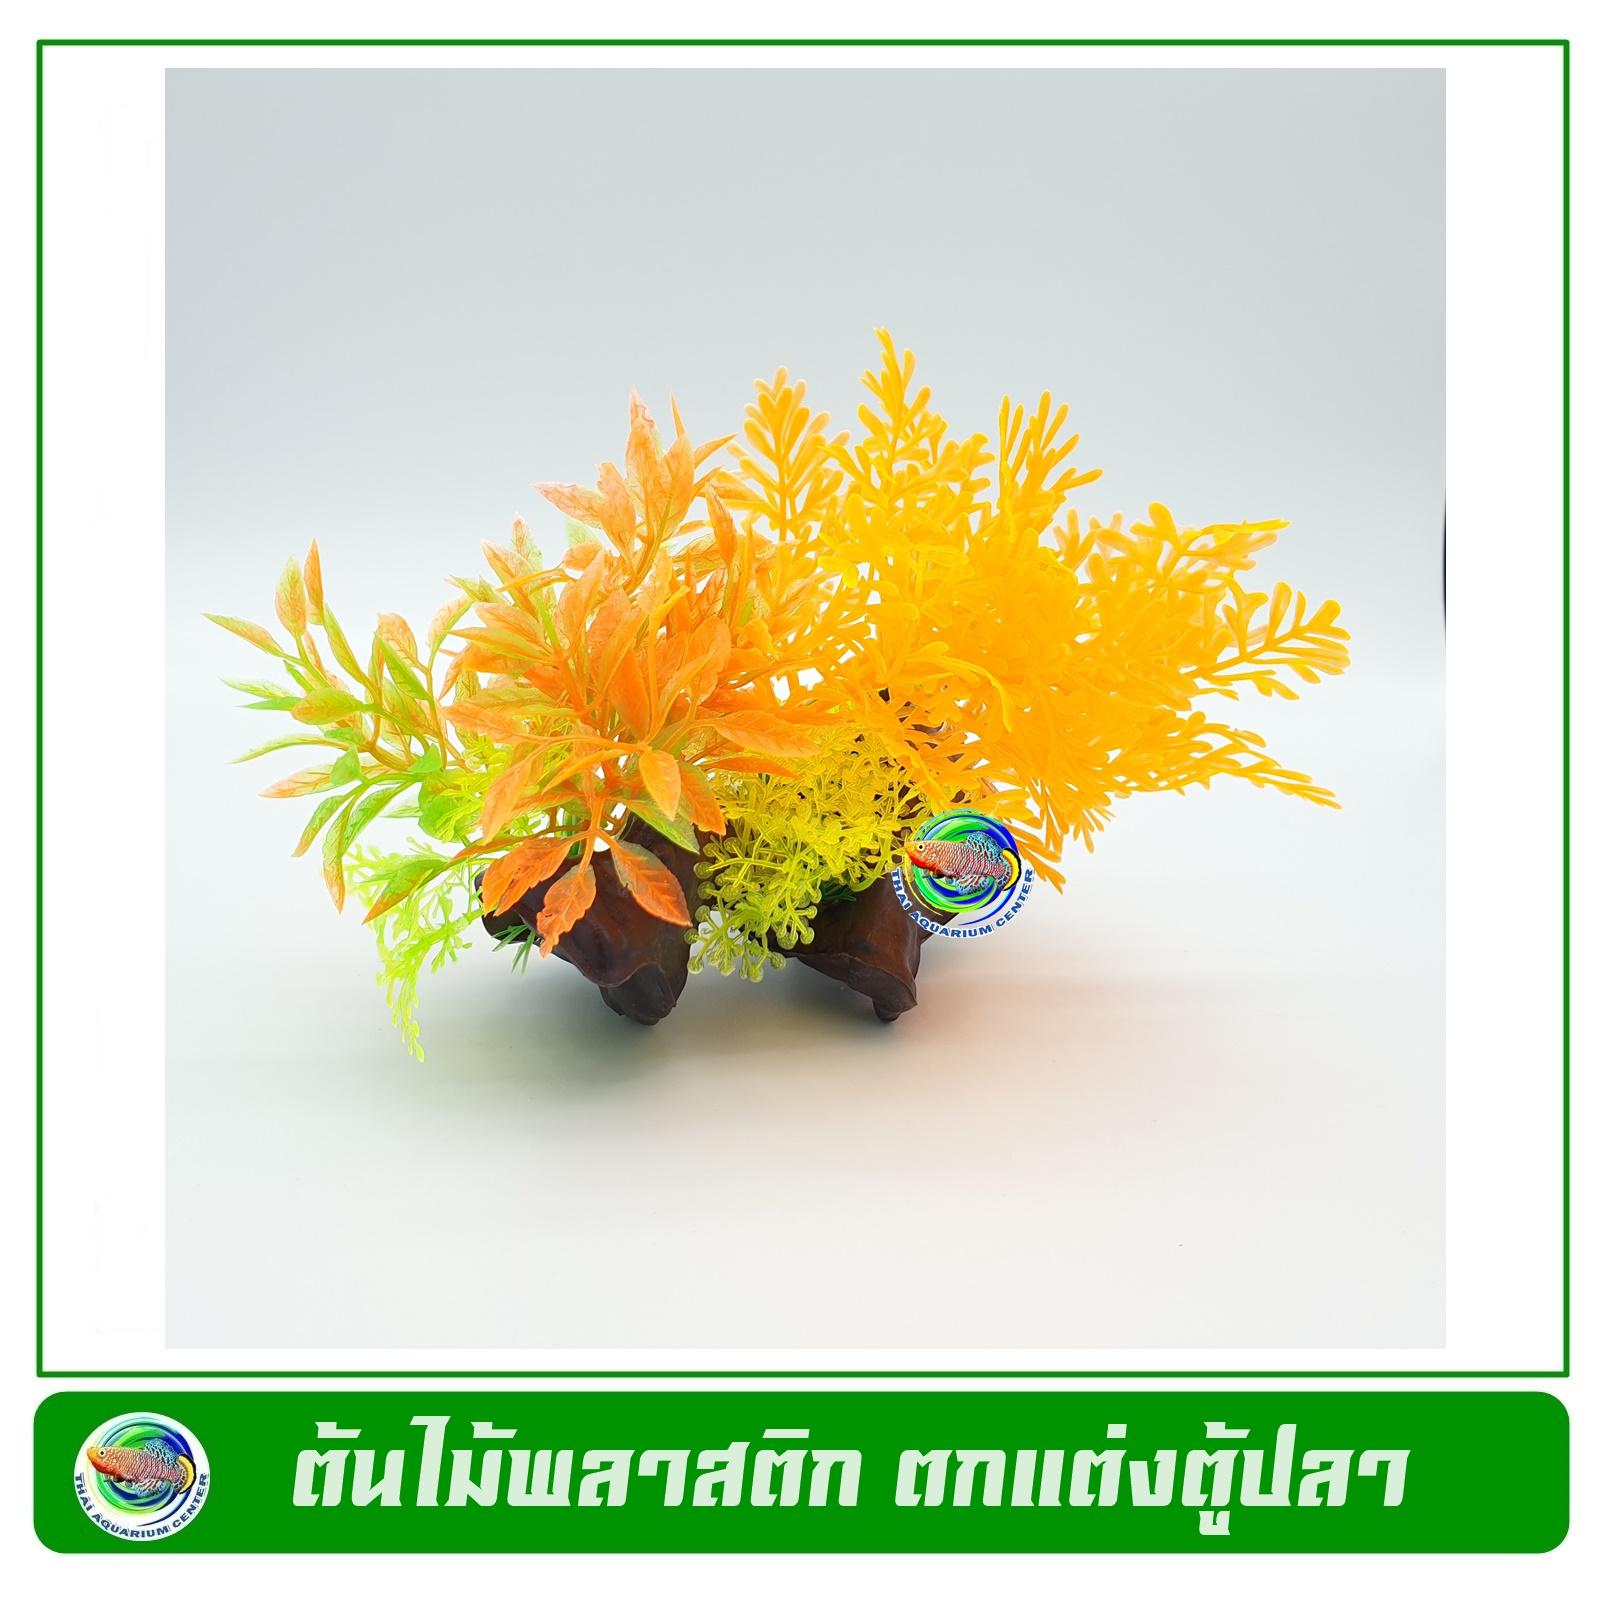 T046 ต้นไม้พลาสติก ขอนไม้ ใบไม้สีส้ม ใช้ตกแต่งตู้ปลา